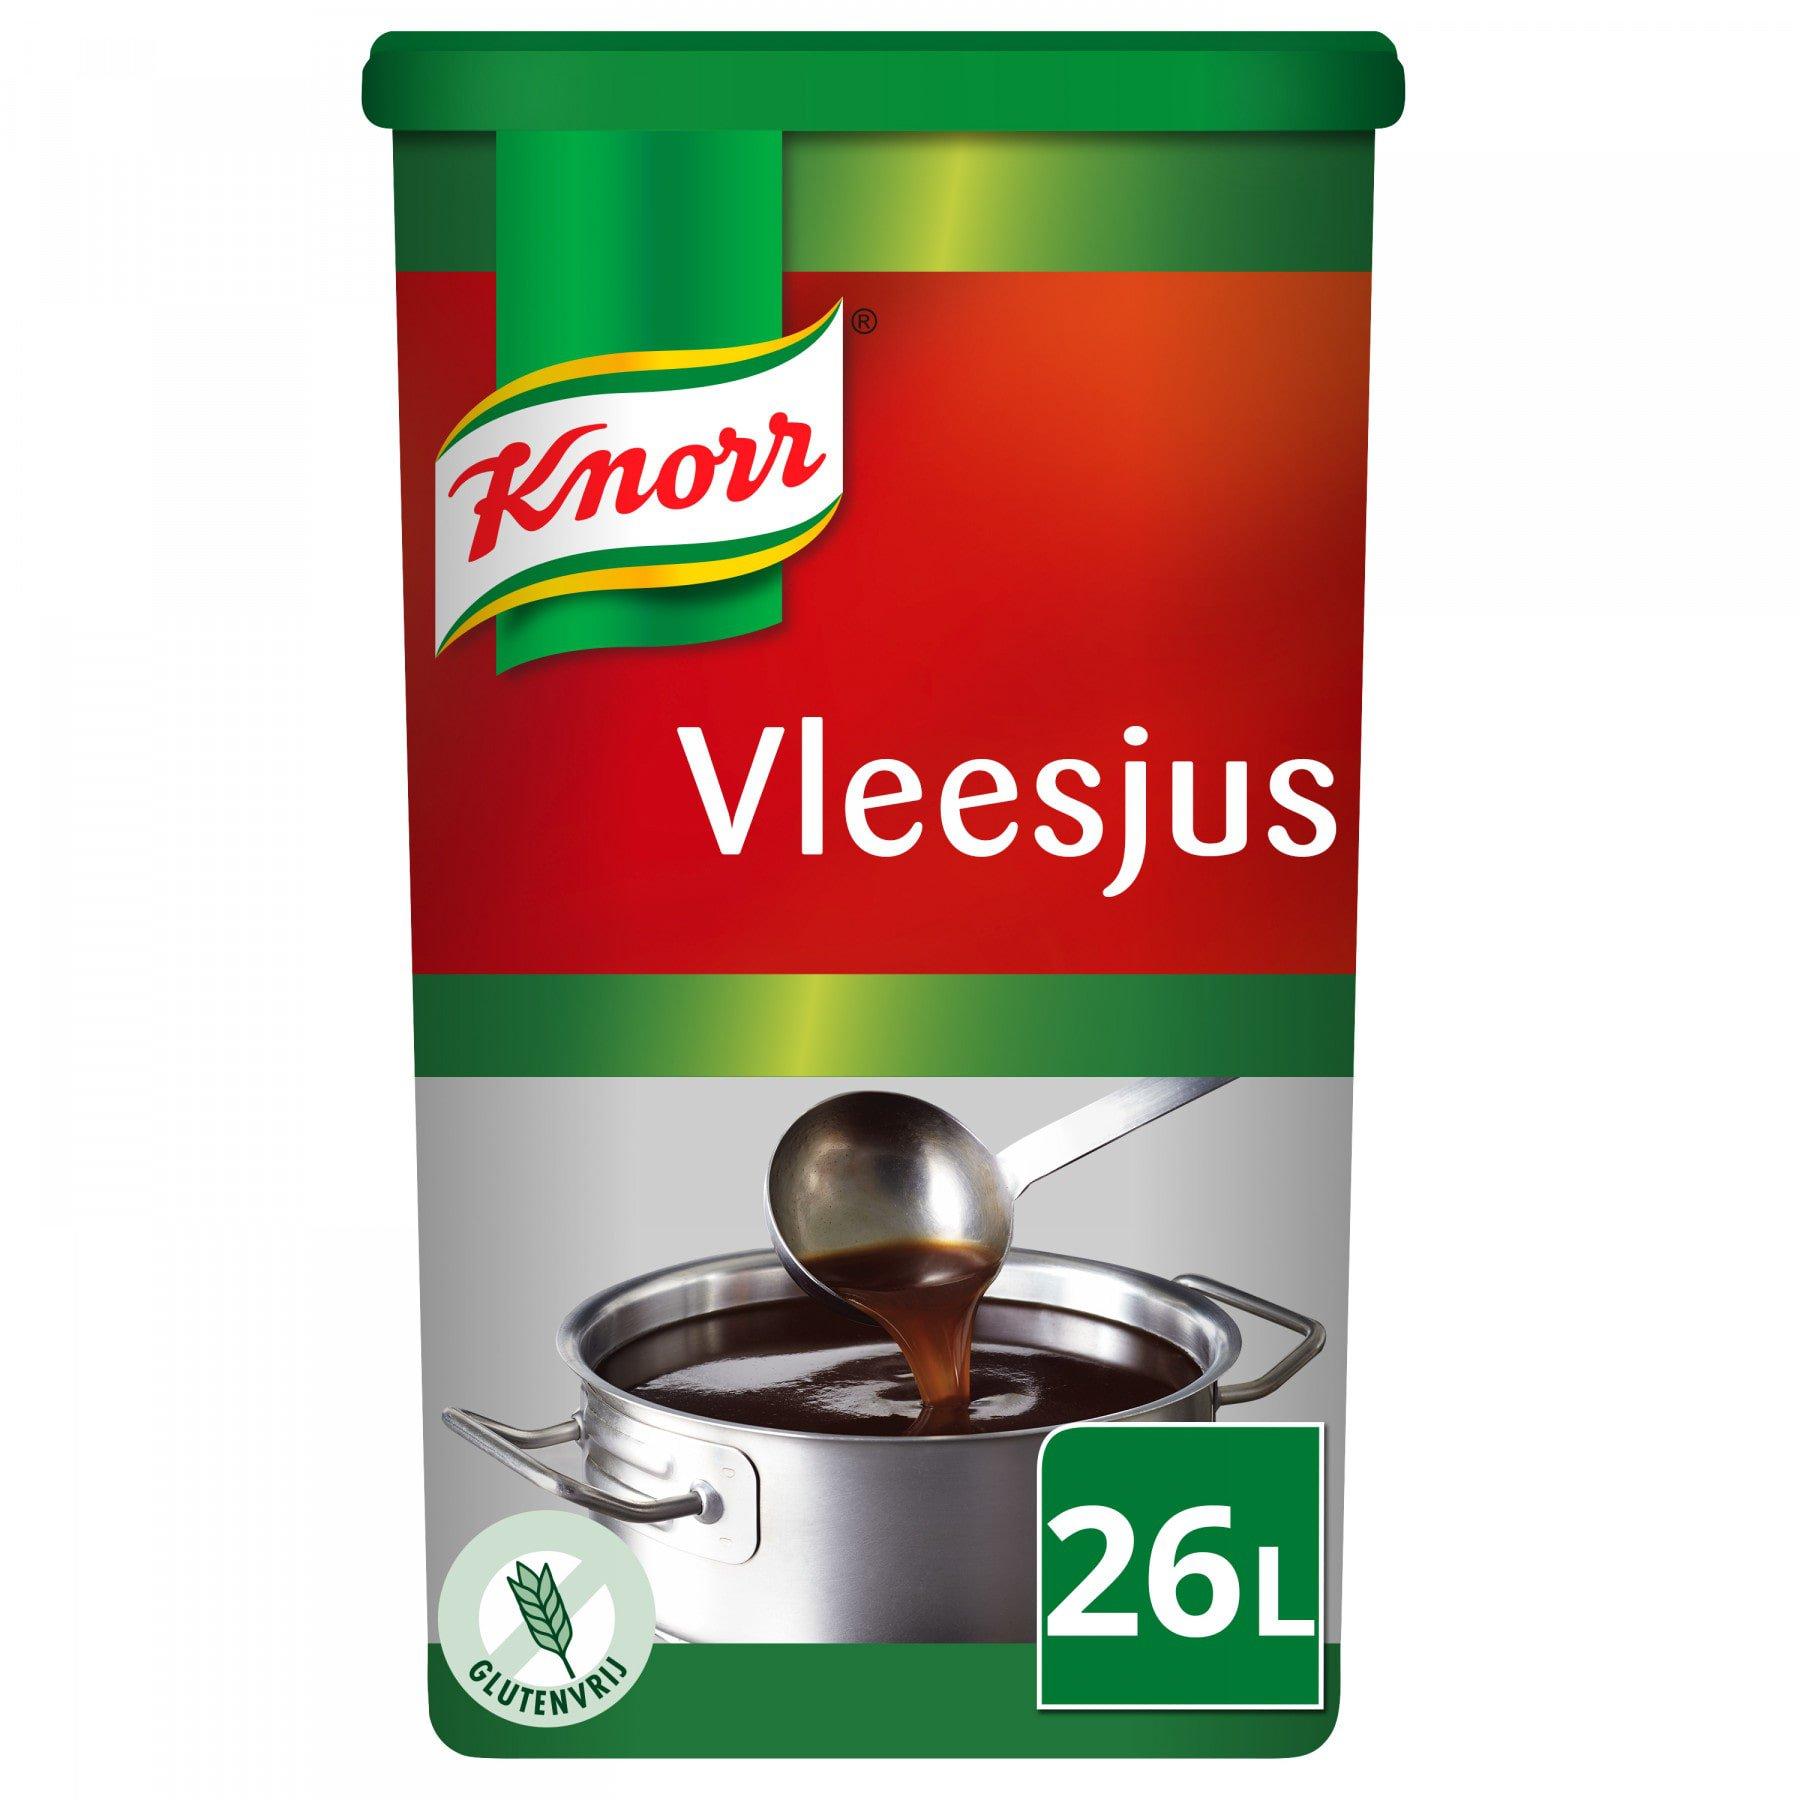 Knorr | Vleesjus | 26 liter